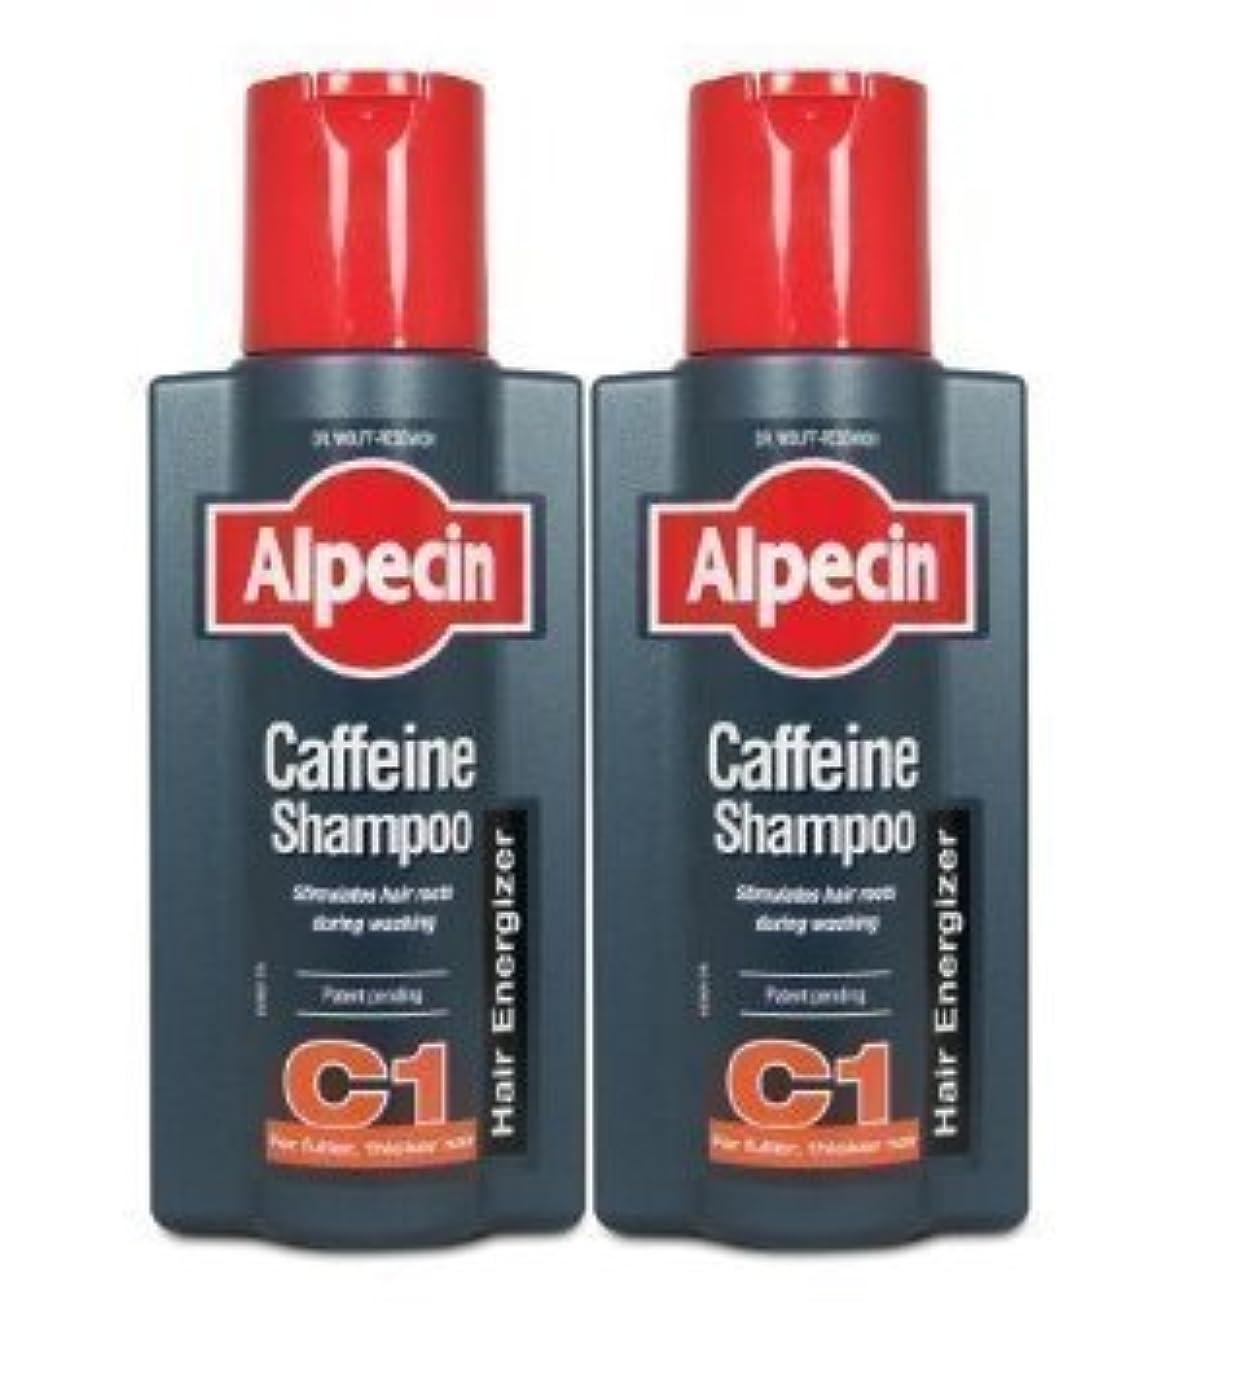 シルク郵便局驚き2 X Alpecin Caffeine Shampoo [並行輸入品]